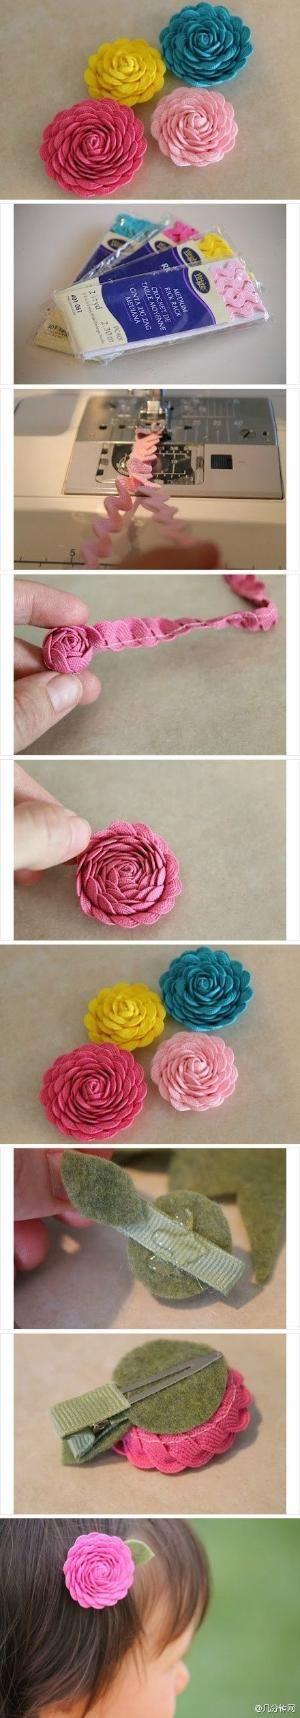 DIY Flower Hair Clip diy craft crafts craft ideas easy crafts diy ideas diy crafts easy diy diy hair diy bow craft bow craft accessories by mariadoggth